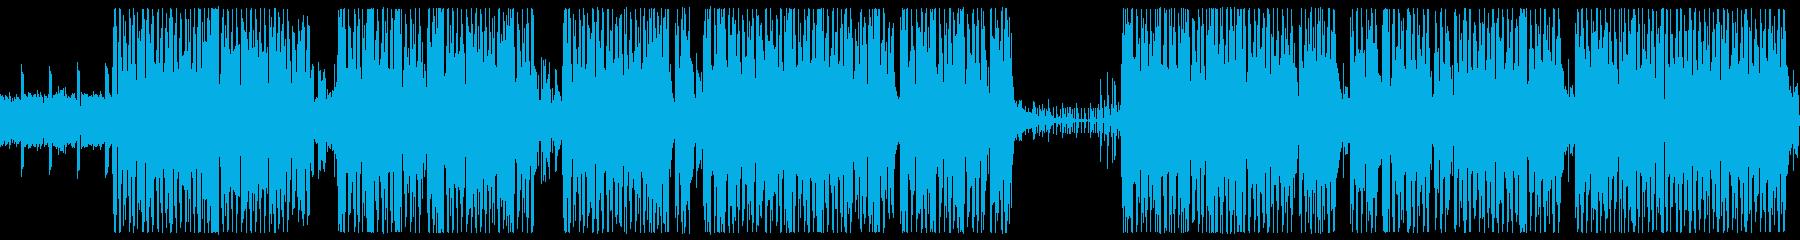 アップテンポでジャズっぽいテクノの再生済みの波形